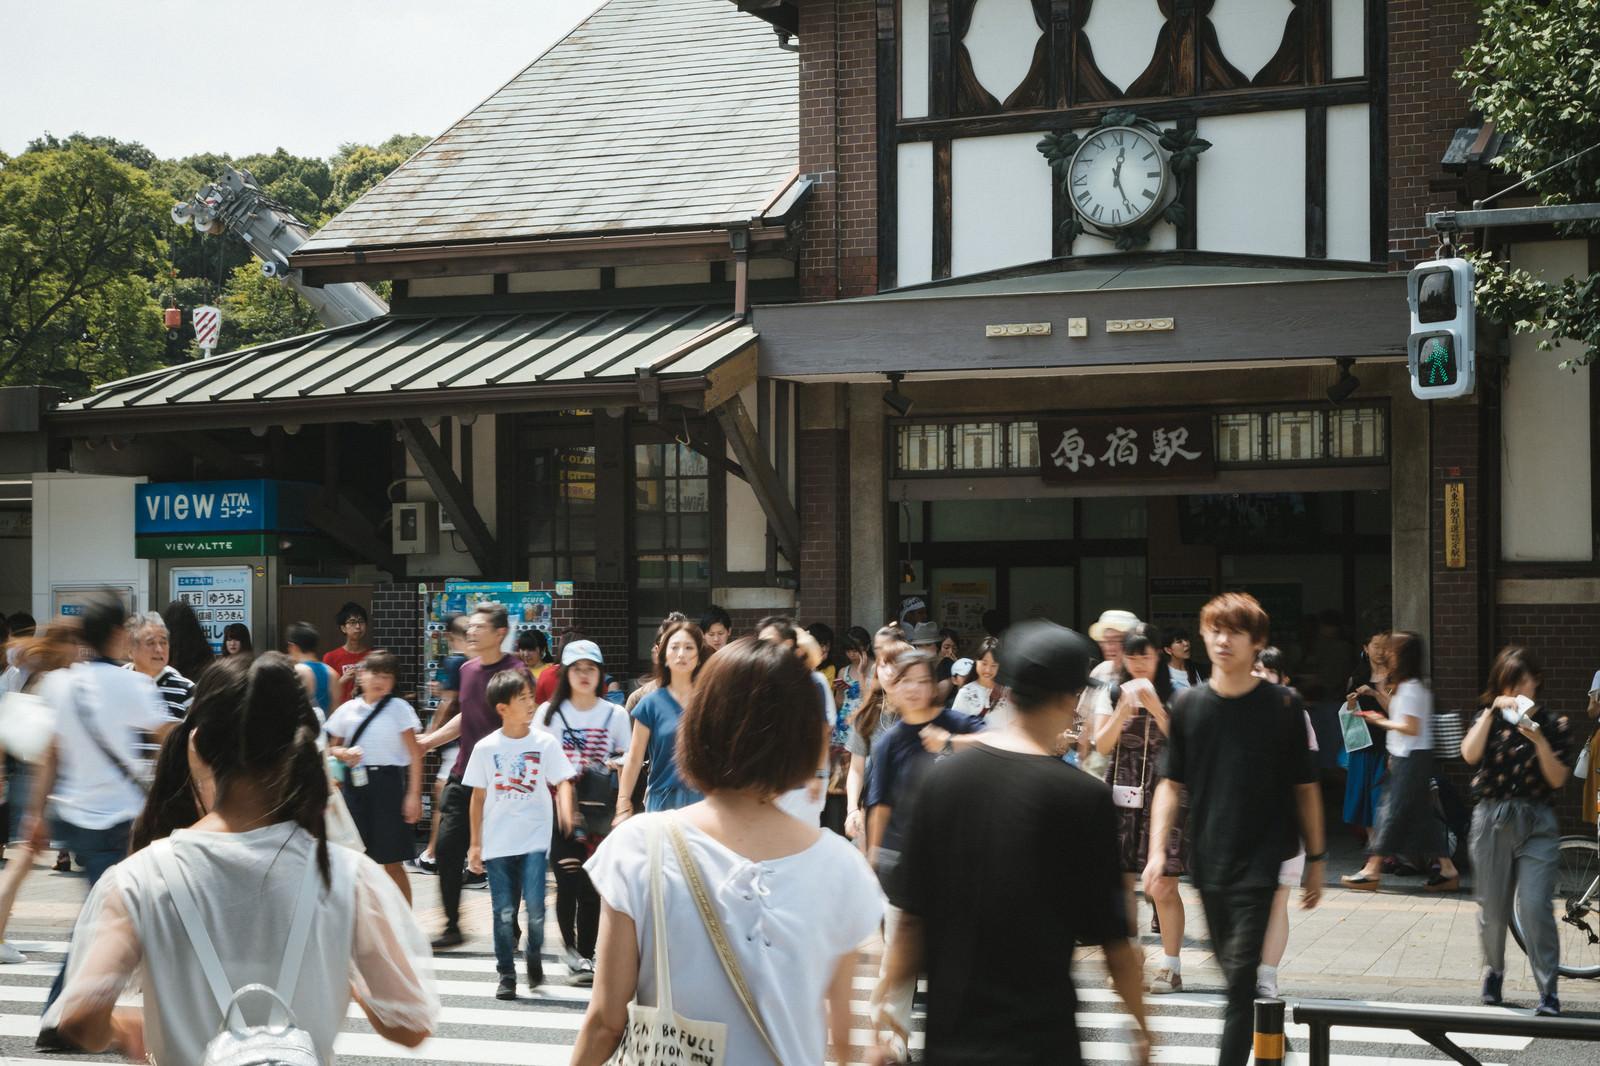 「原宿駅前の横断歩道を渡る人原宿駅前の横断歩道を渡る人」のフリー写真素材を拡大